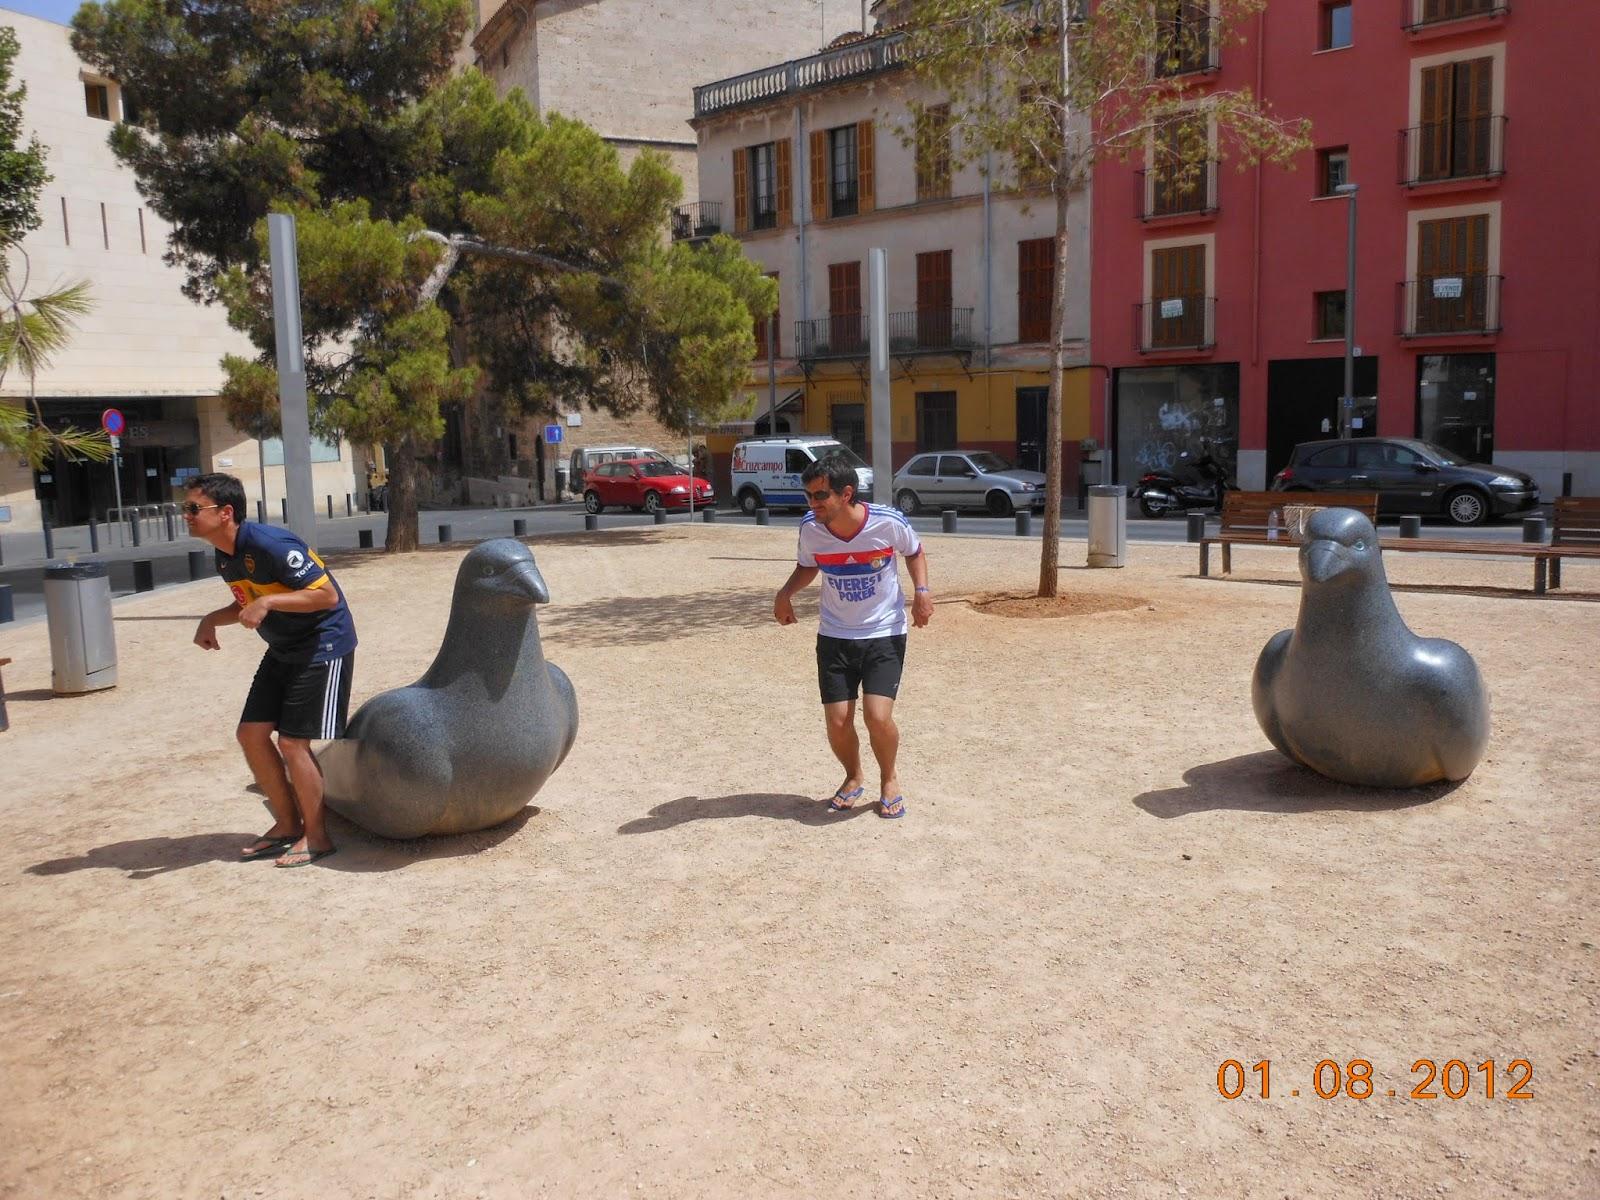 4 pombos gigantes graças à alimentação à base de azeitonas - Palma de Maiorca - Espanha